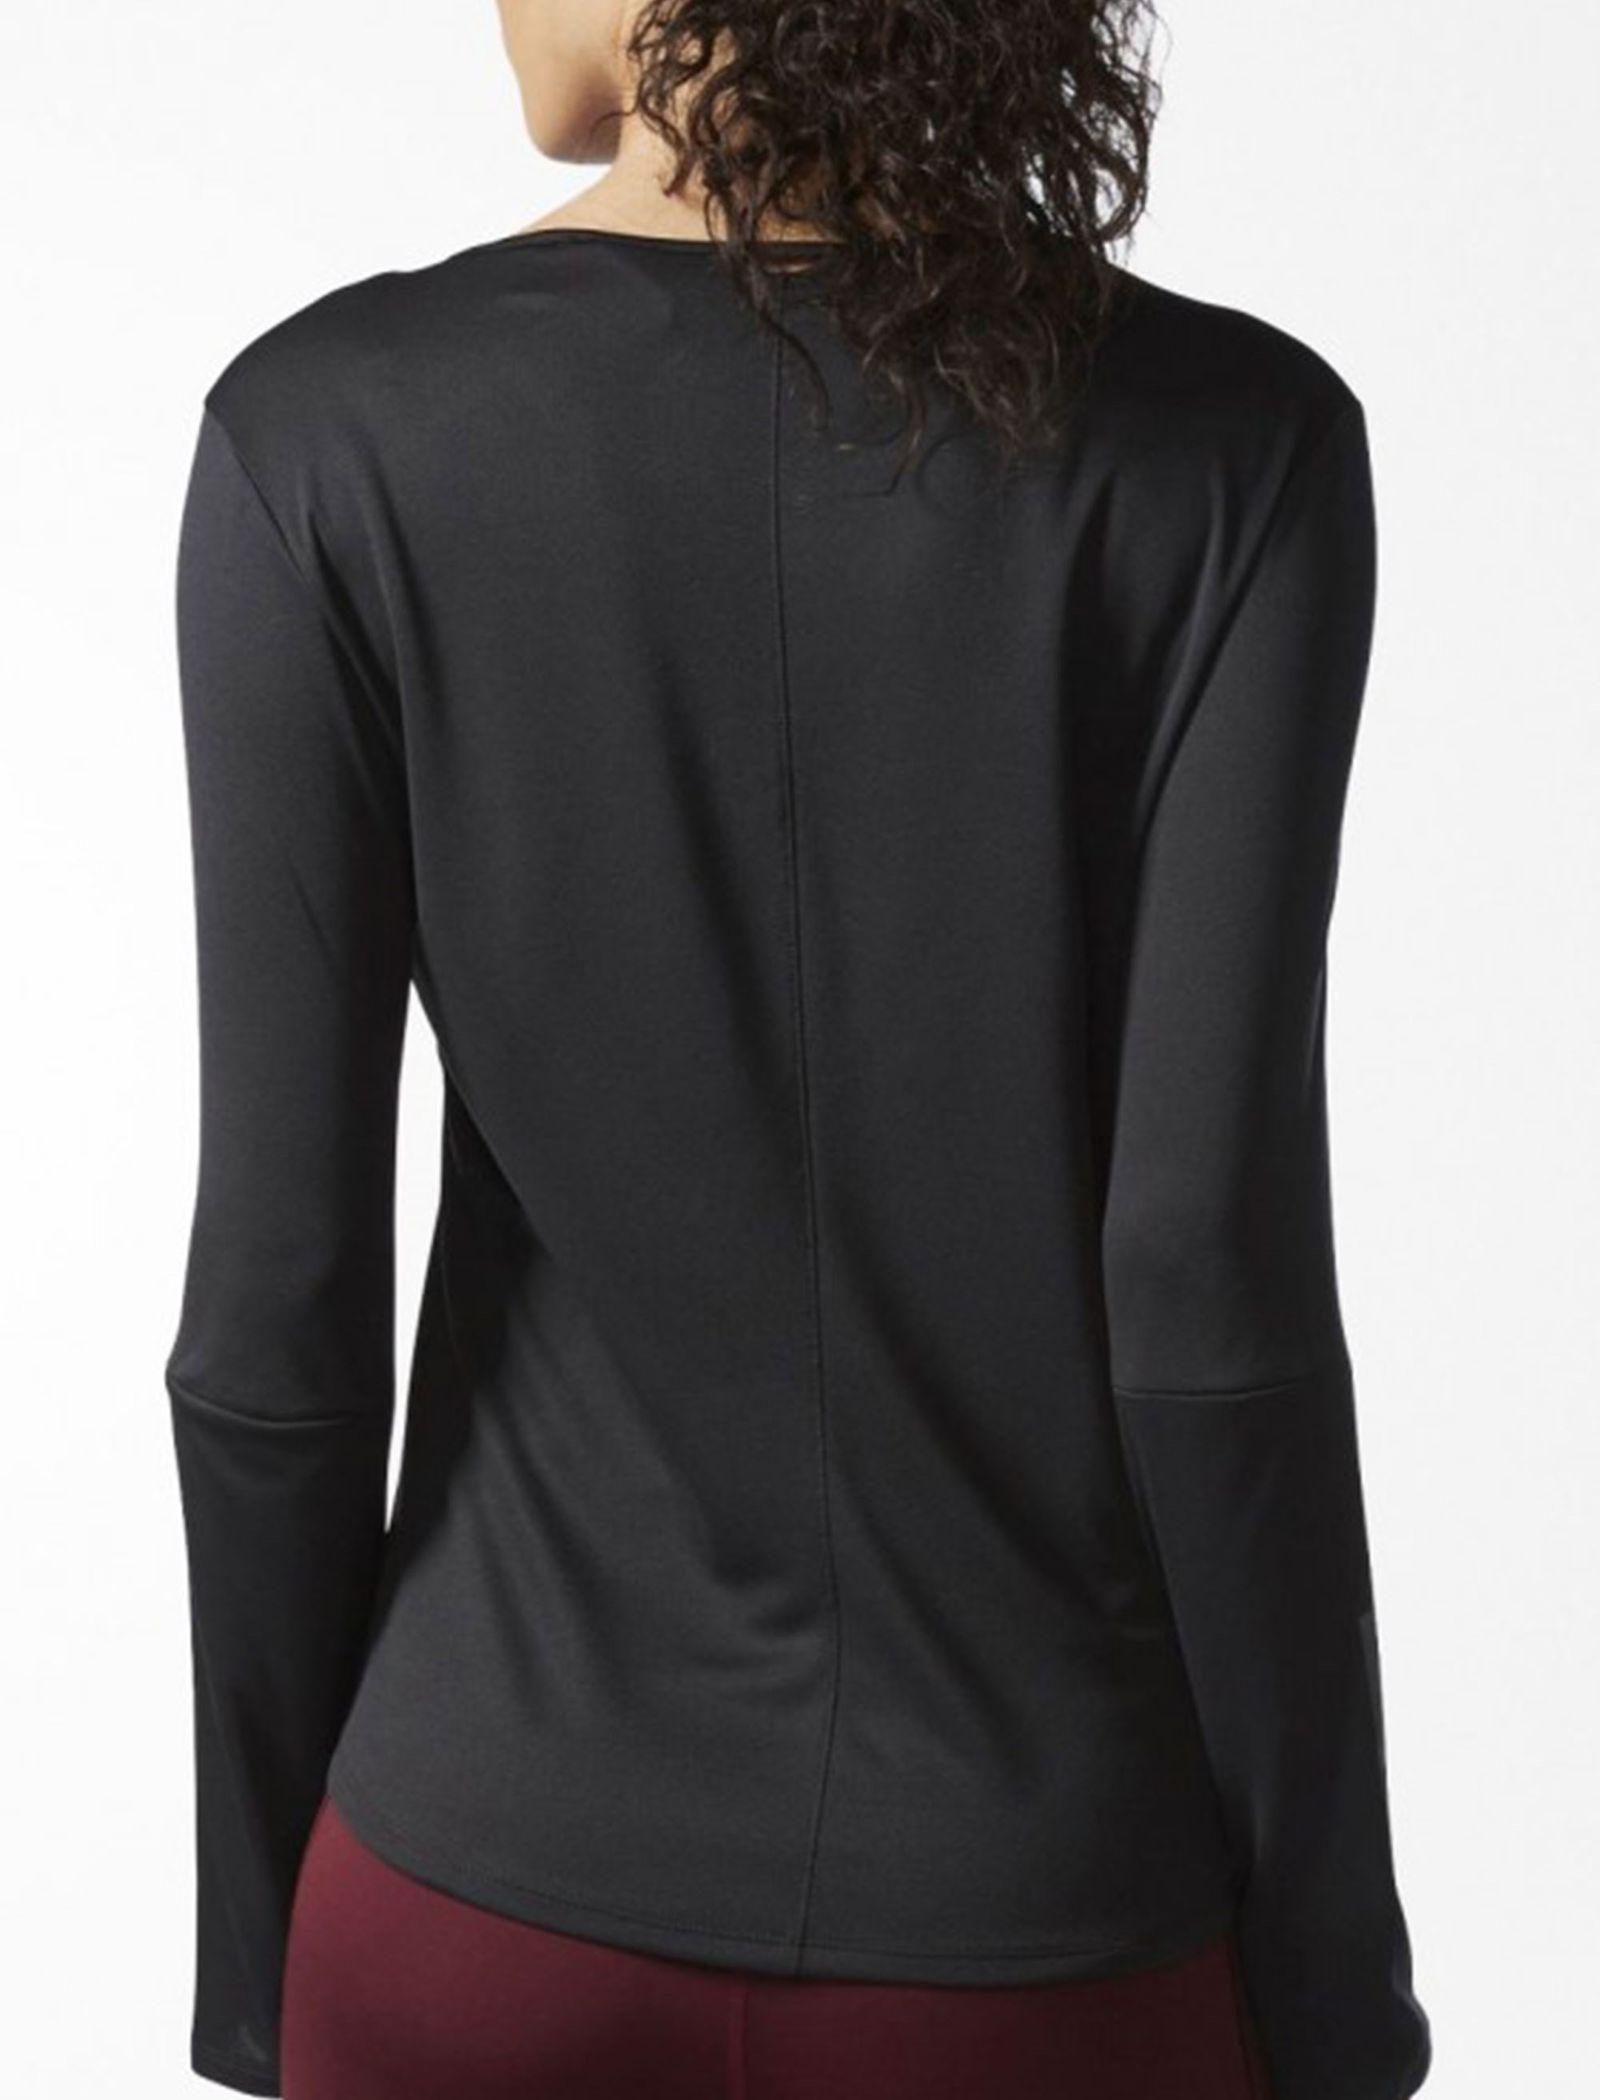 تی شرت ورزشی آستین بلند زنانه Response - آدیداس - مشکي - 5